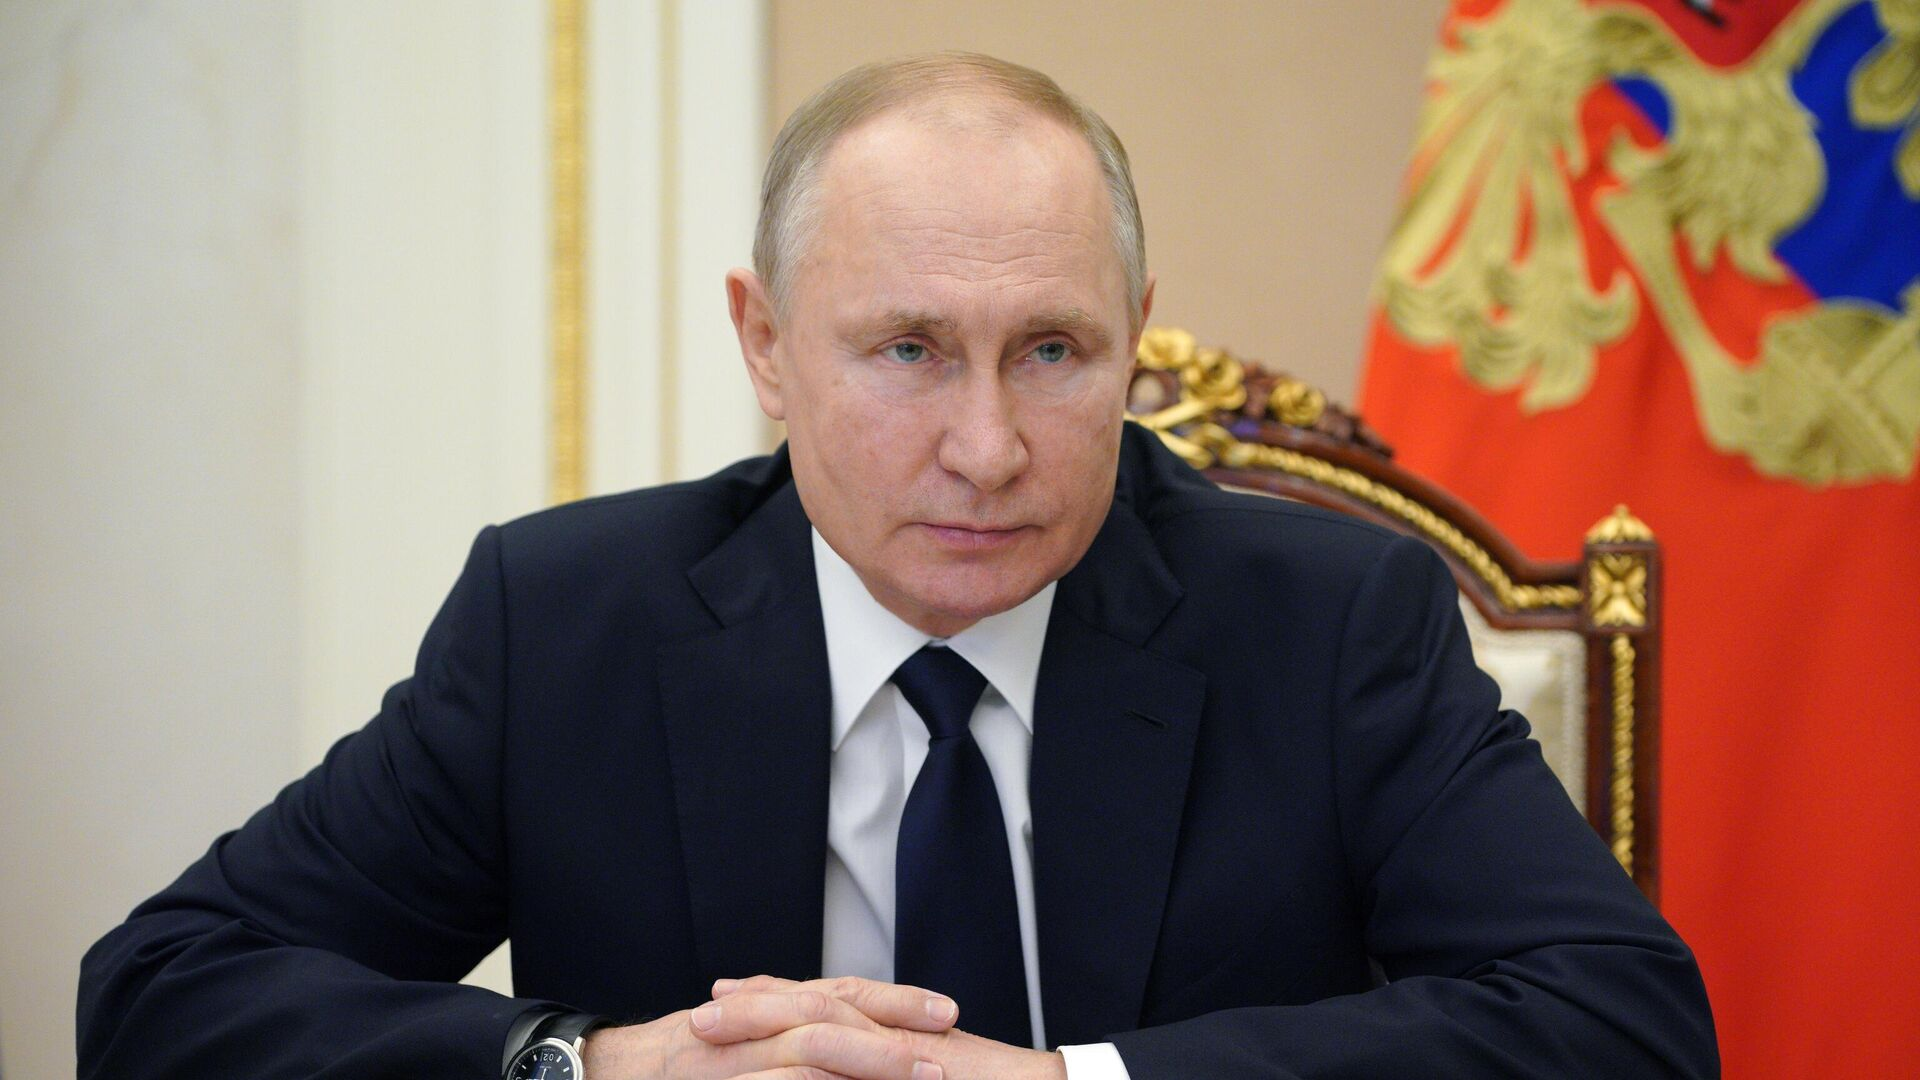 Президент РФ Владимир Путин во время встречи в режиме видеоконференции с Владиславом Ховалыгом - РИА Новости, 1920, 22.04.2021